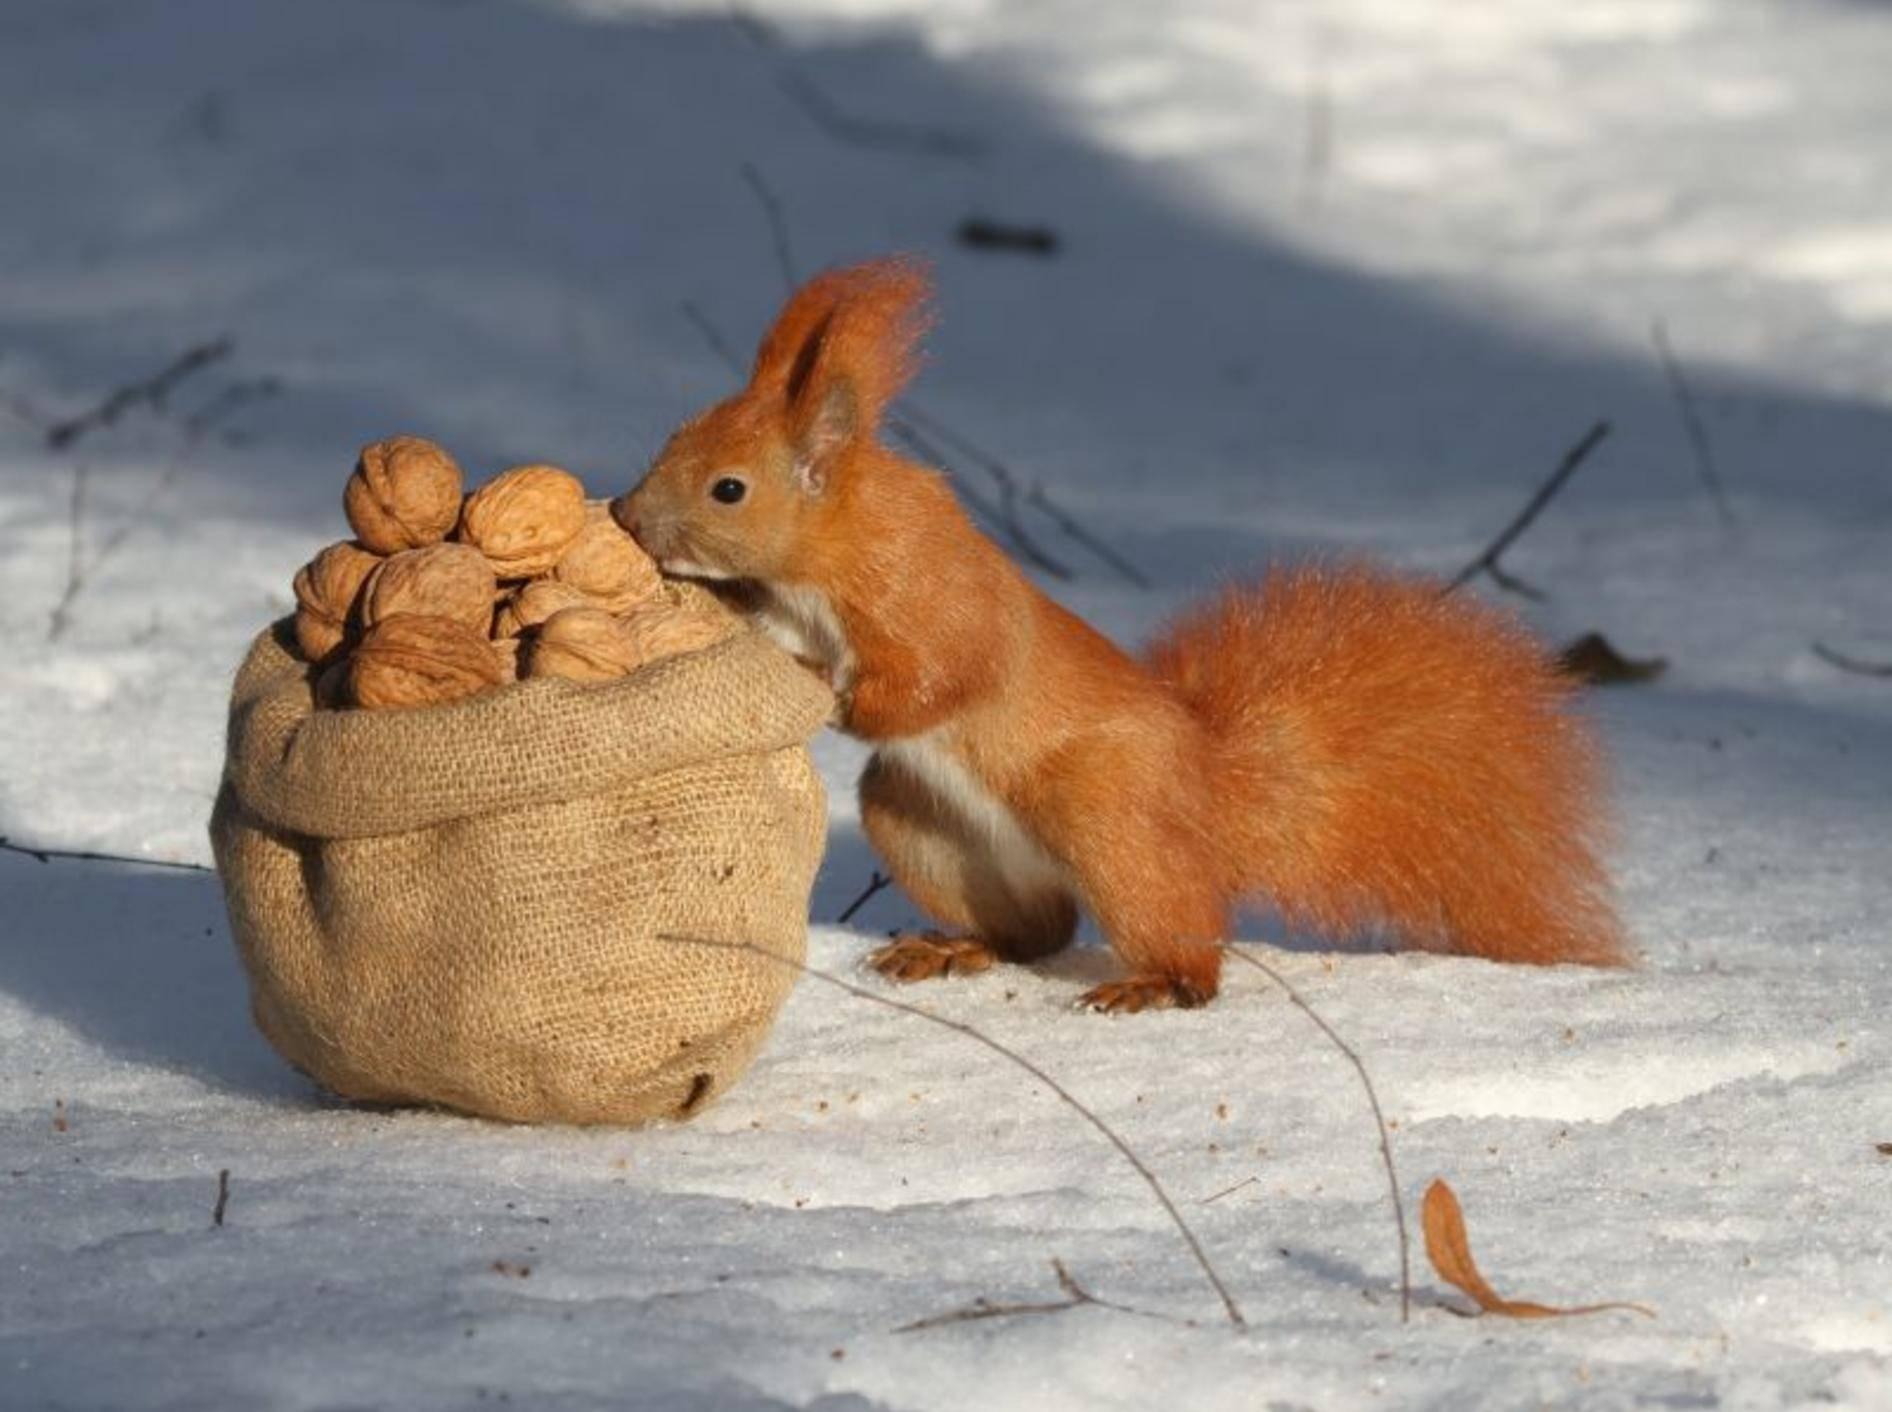 So kennen und lieben wir Eichhörnchen: Beim Nüsse sammeln und futtern – Bild: Shutterstock / FomaA